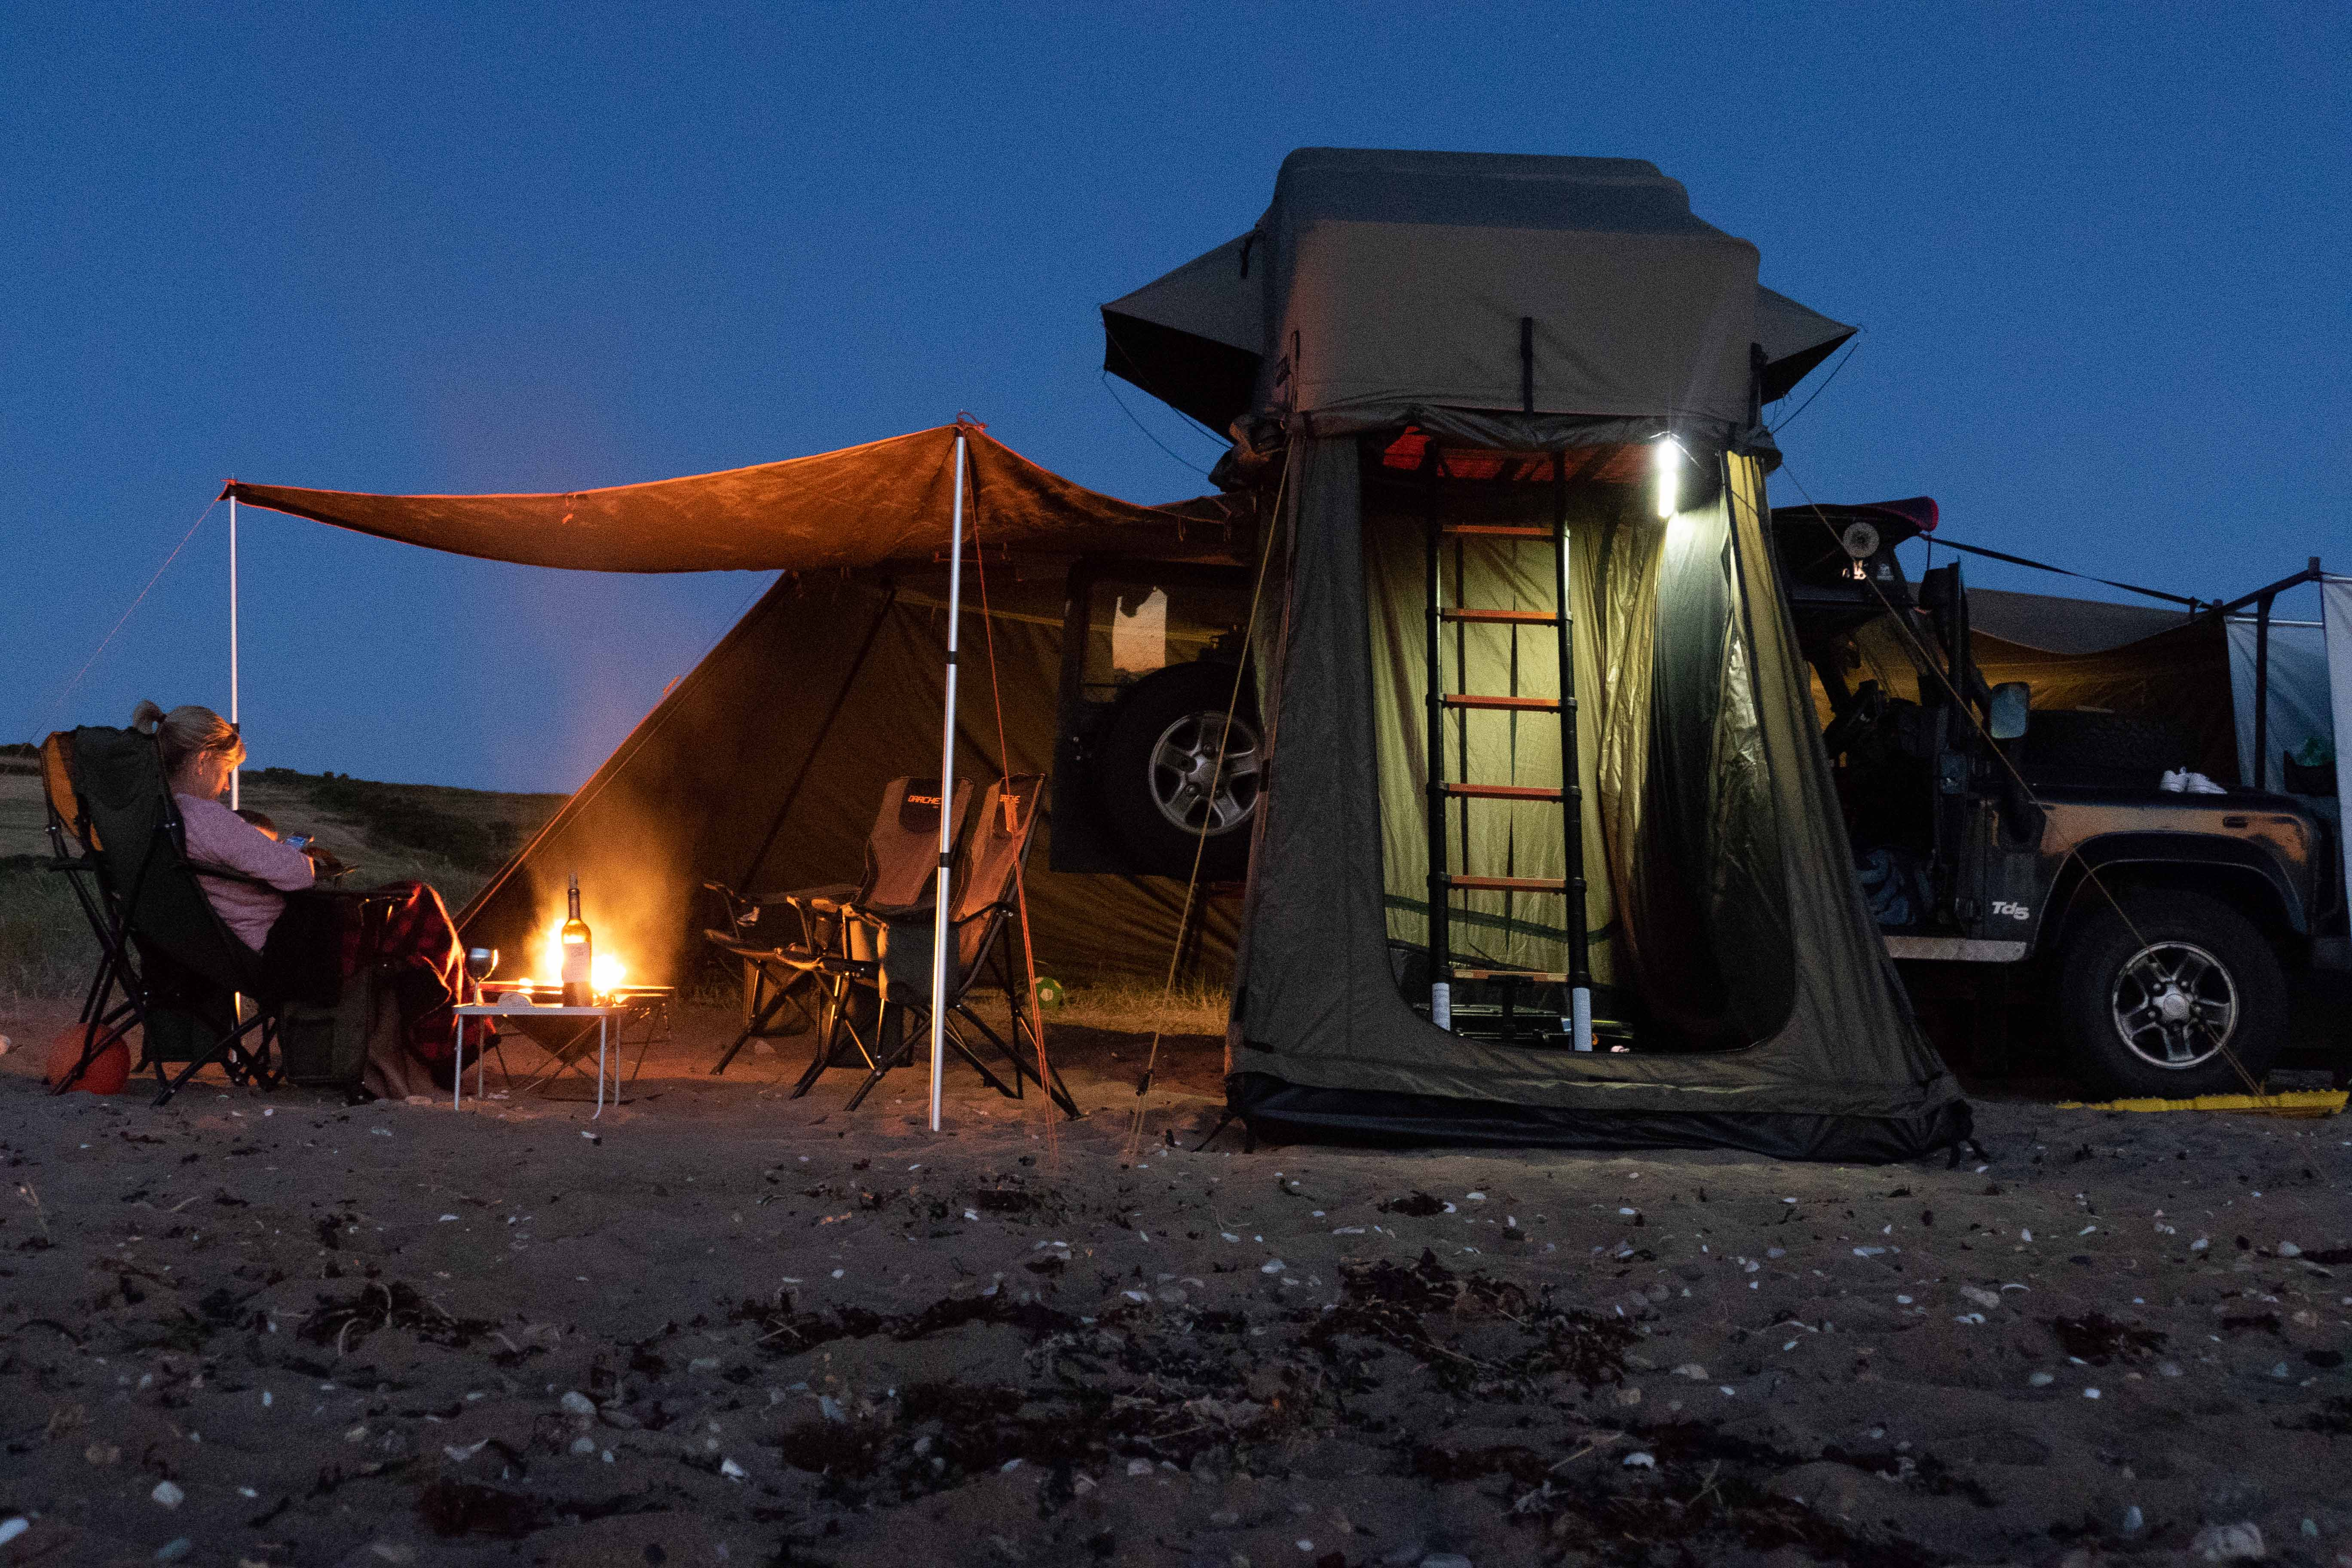 darche_roof_top_tents